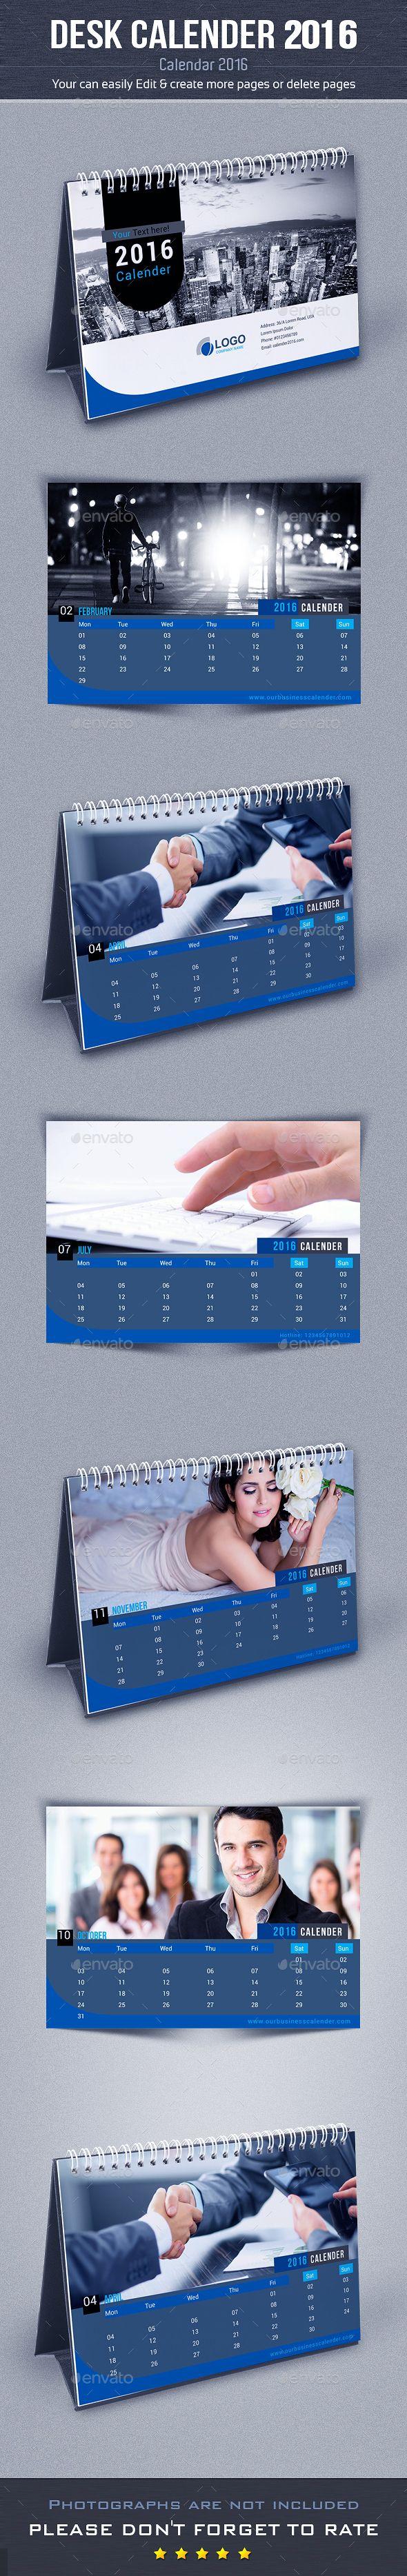 Desk Calendar 2016 Template InDesign INDD #design Download: http://graphicriver.net/item/desk-calendar-2016-/13433821?ref=ksioks